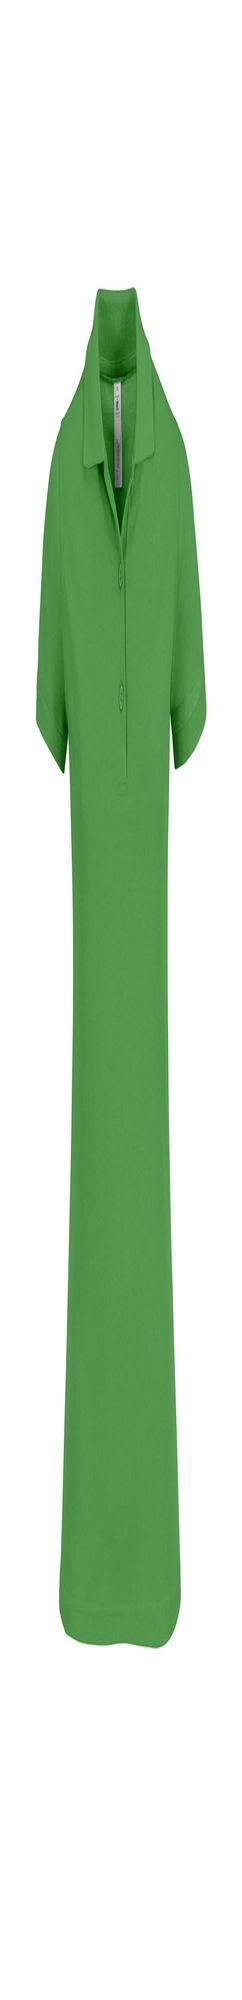 Рубашка поло женская Safran Timeless зеленое яблоко фото